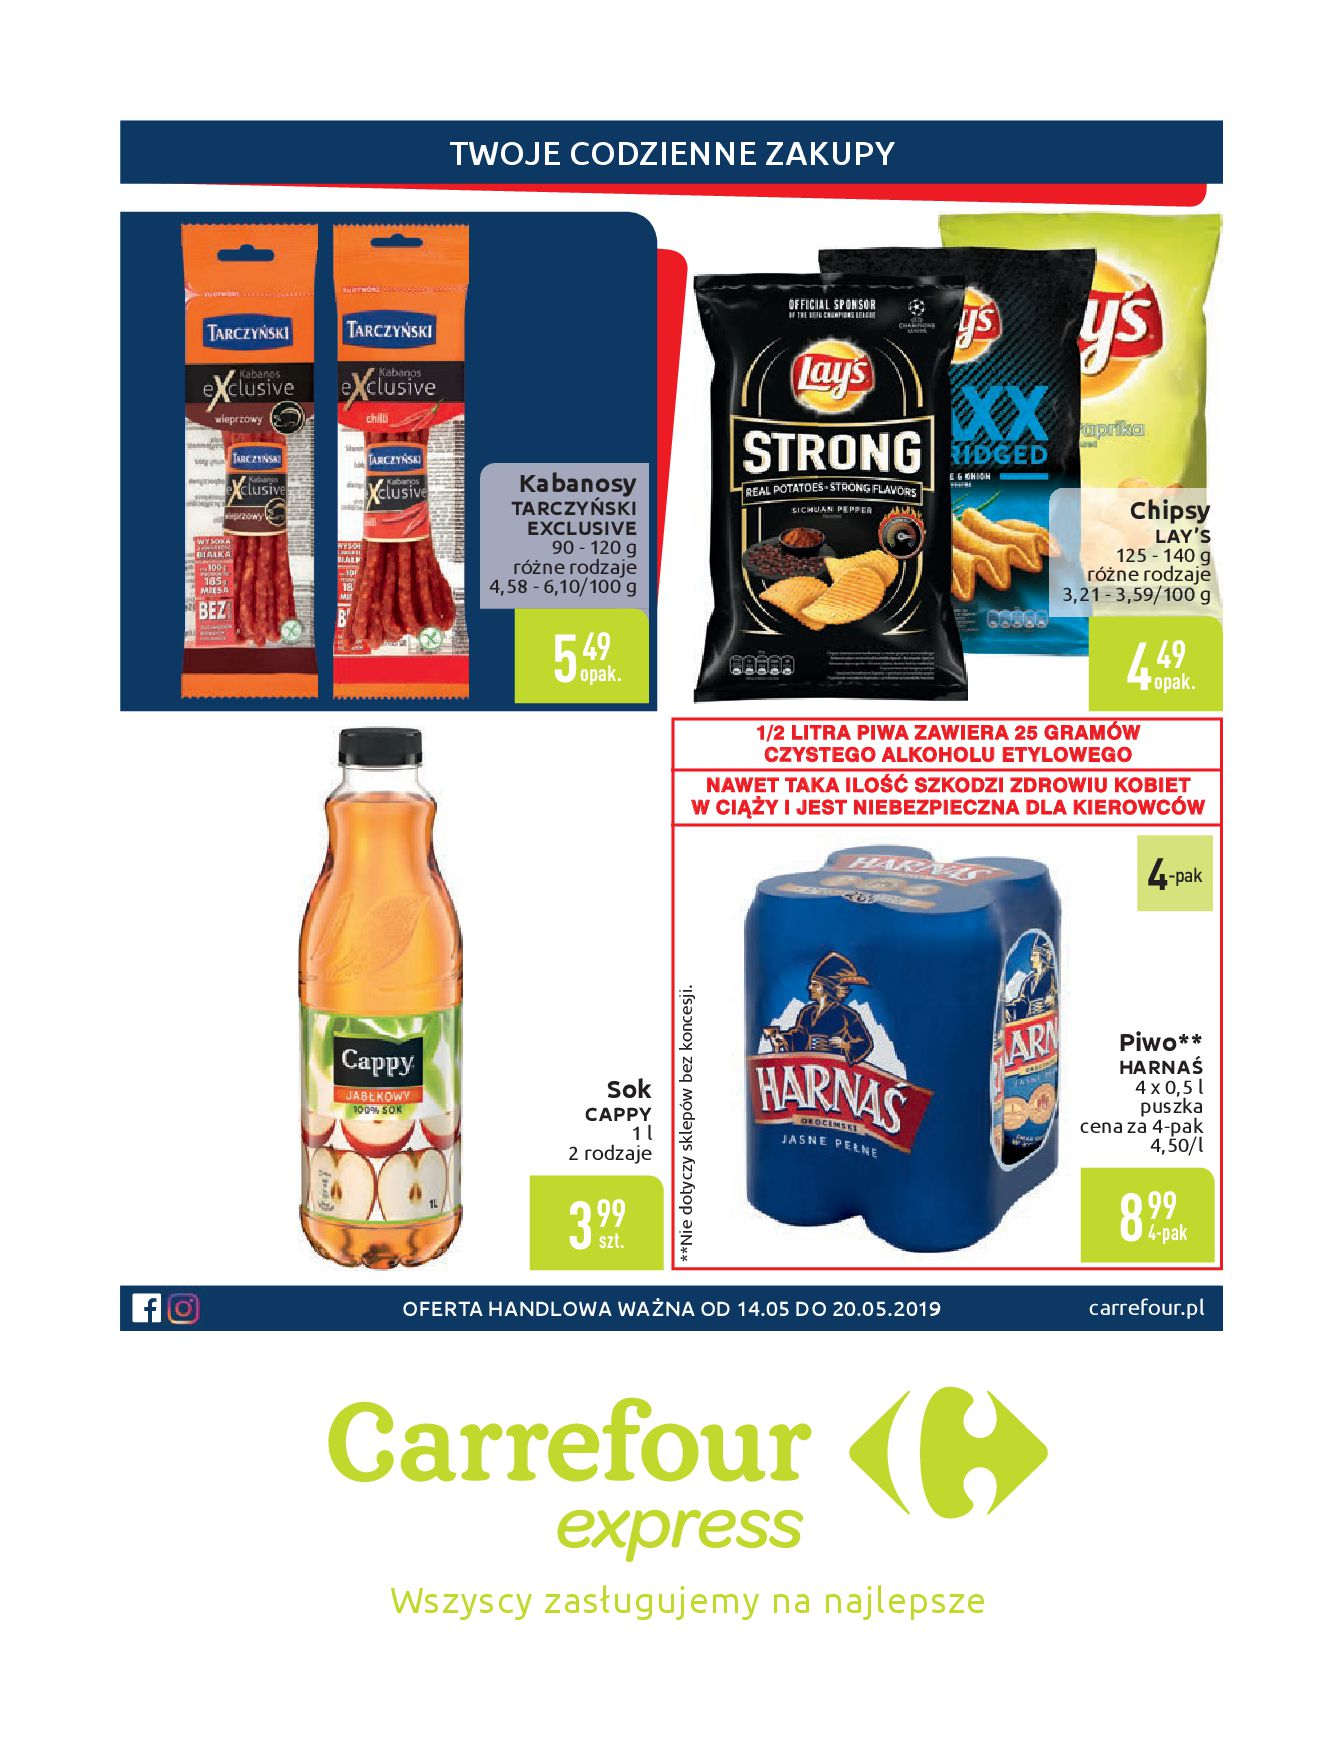 Gazetka Carrefour Express - Twoje codzienne zakupy-13.05.2019-20.05.2019-page-